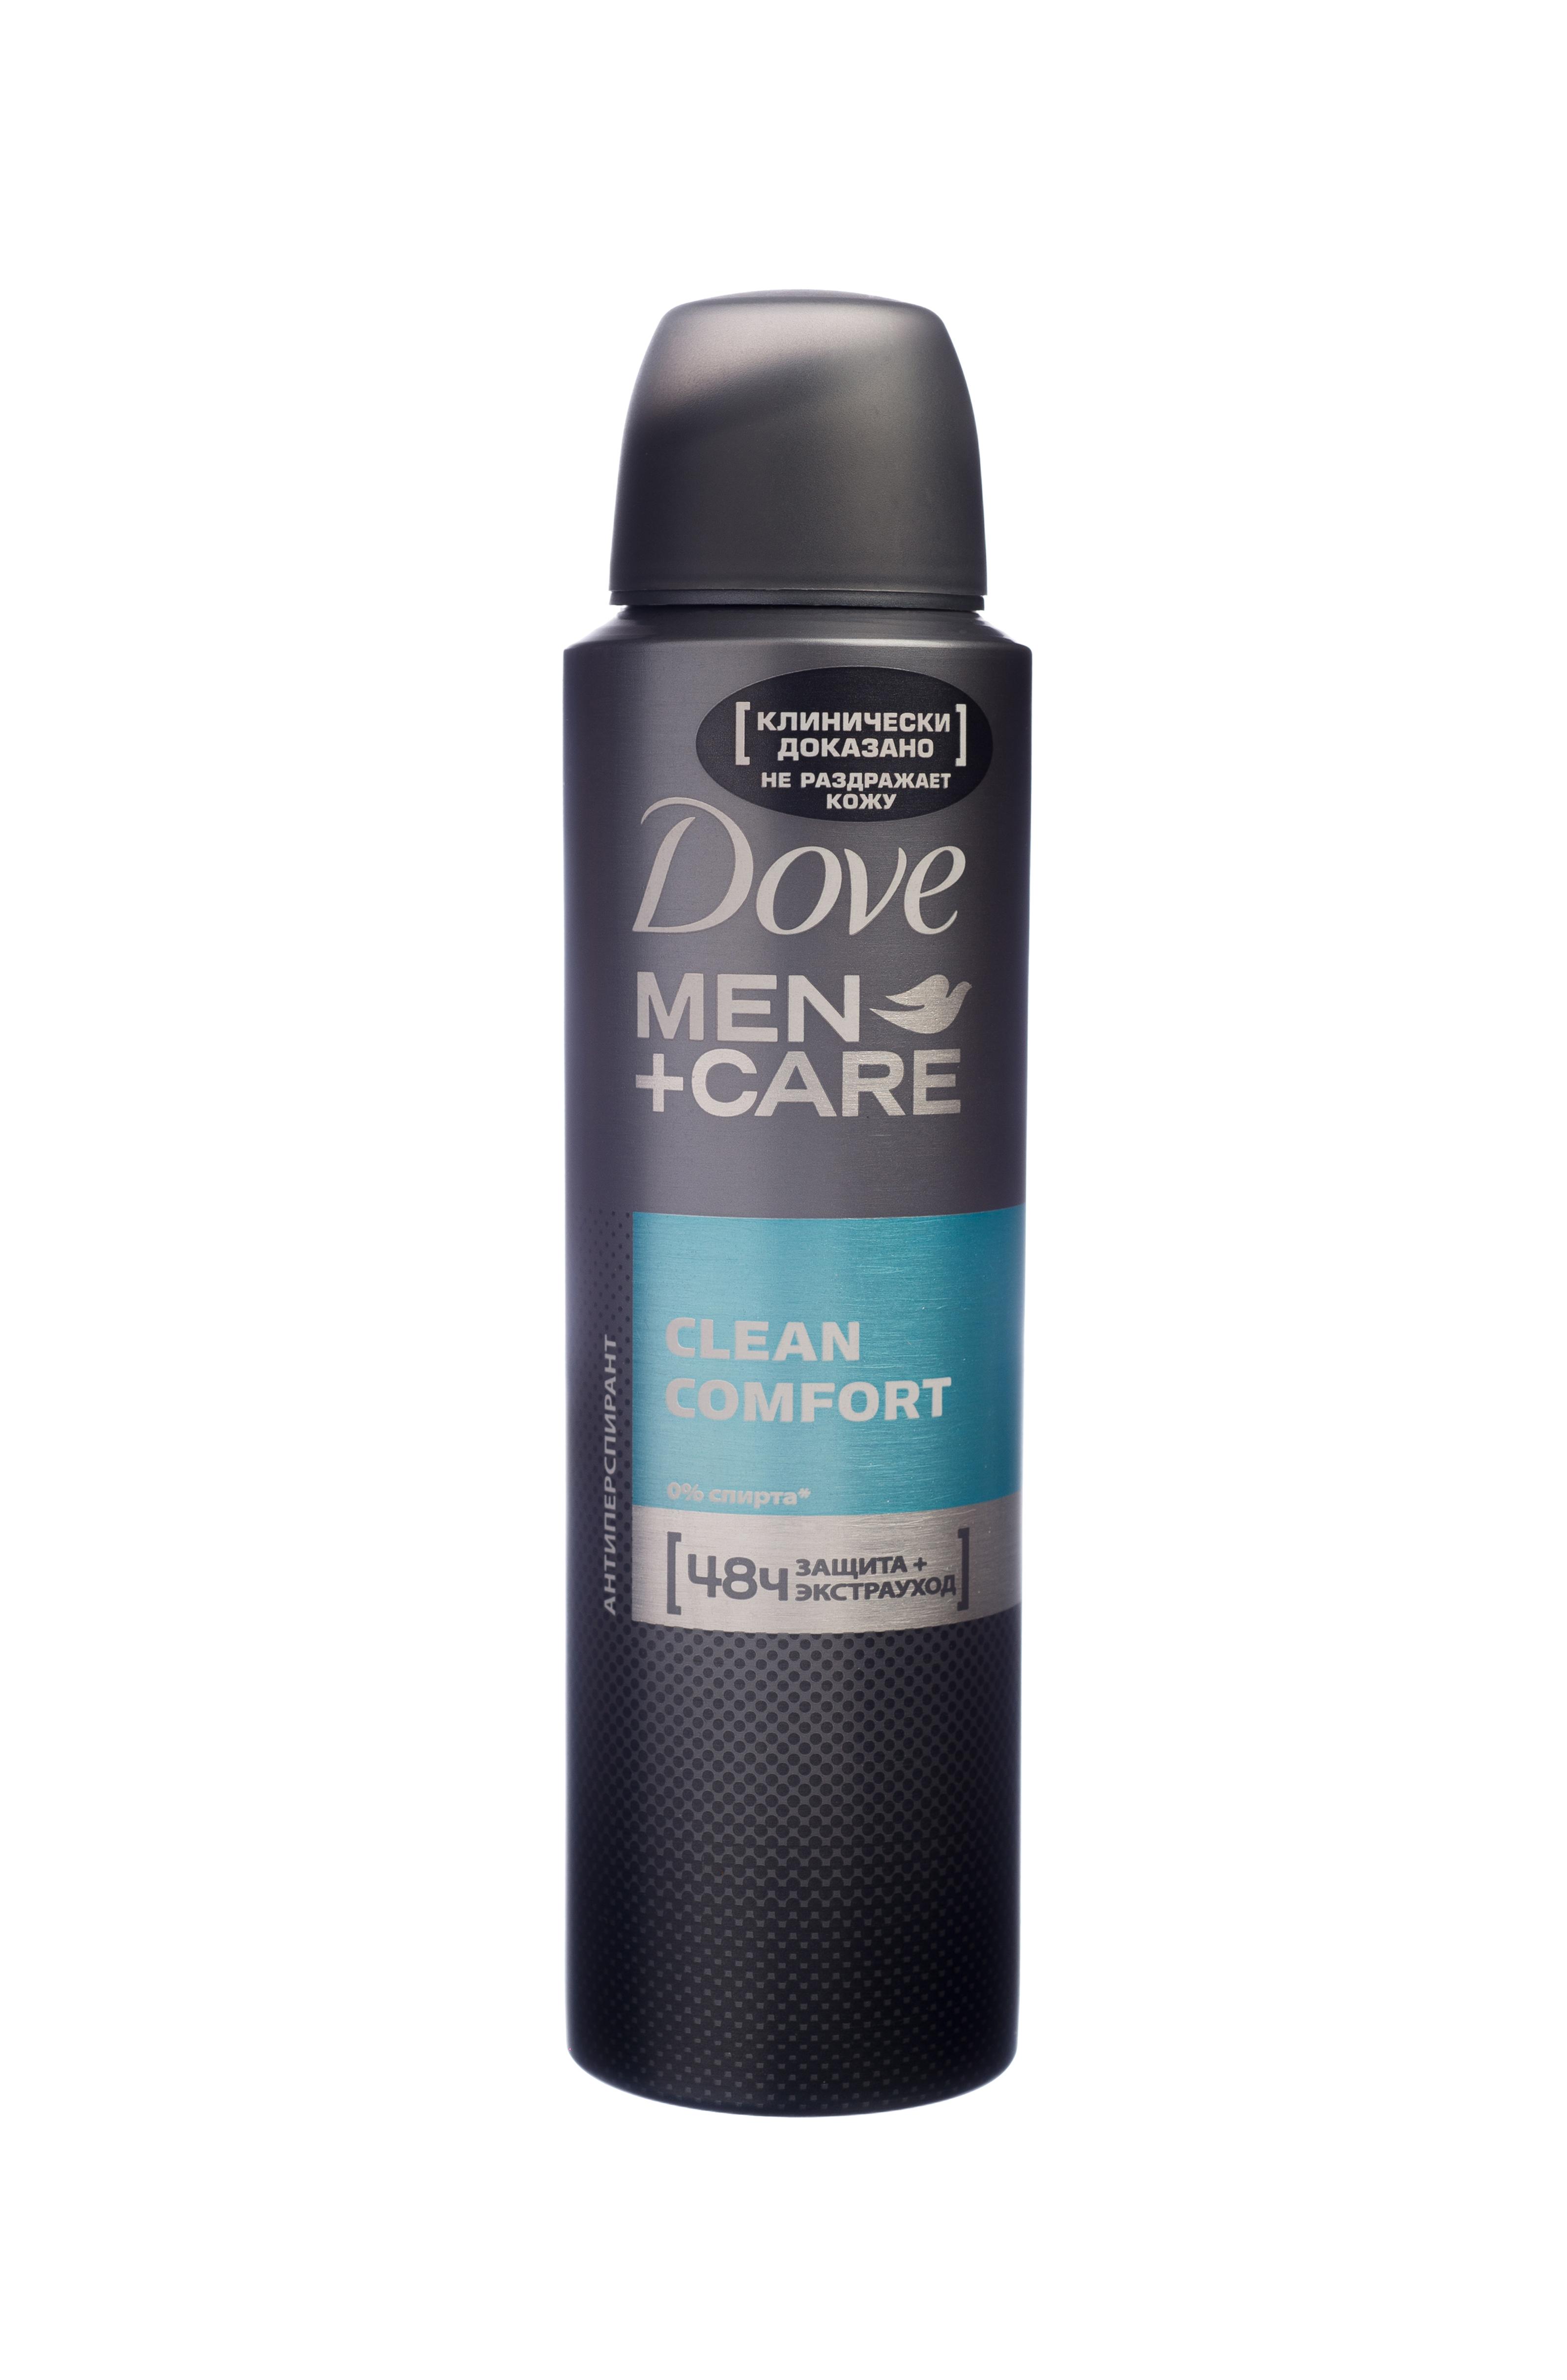 Dove Men+Care Антиперспирант аэрозоль Экстразащита и уход 150 млMP59.4DАнтиперспирант, разработанный специально для мужчин, беспощаден к поту, но не к коже. Инновационная формула антиперспиранта для эффективной защиты от пота и запаха помогает ухаживать за мужской кожей 48 часов с момента нанесения.